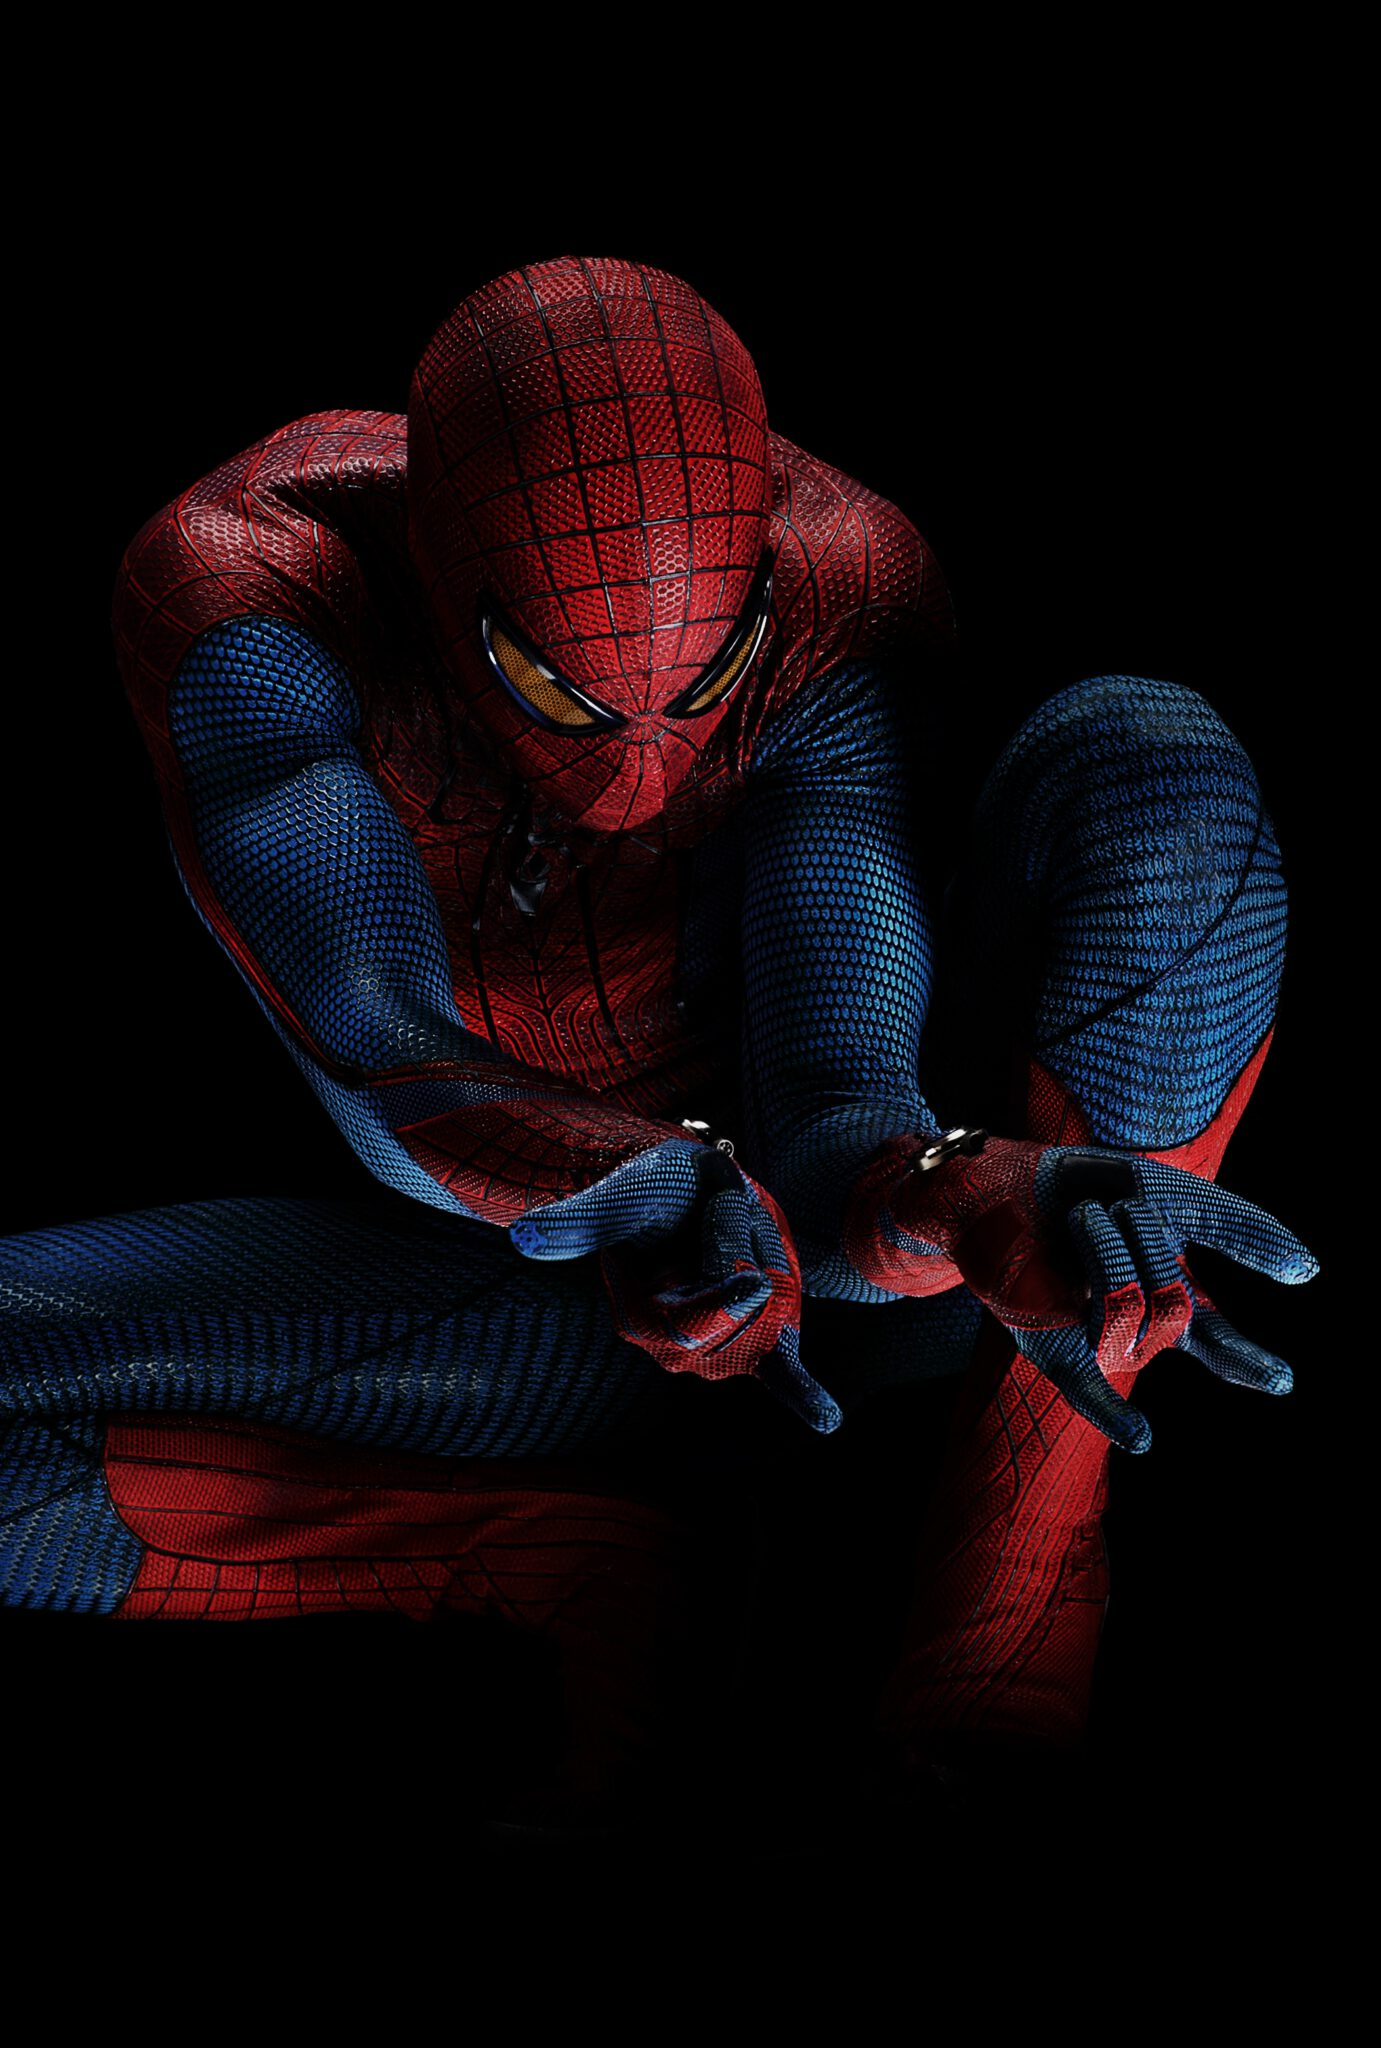 Untitled Spider-Man Reboot